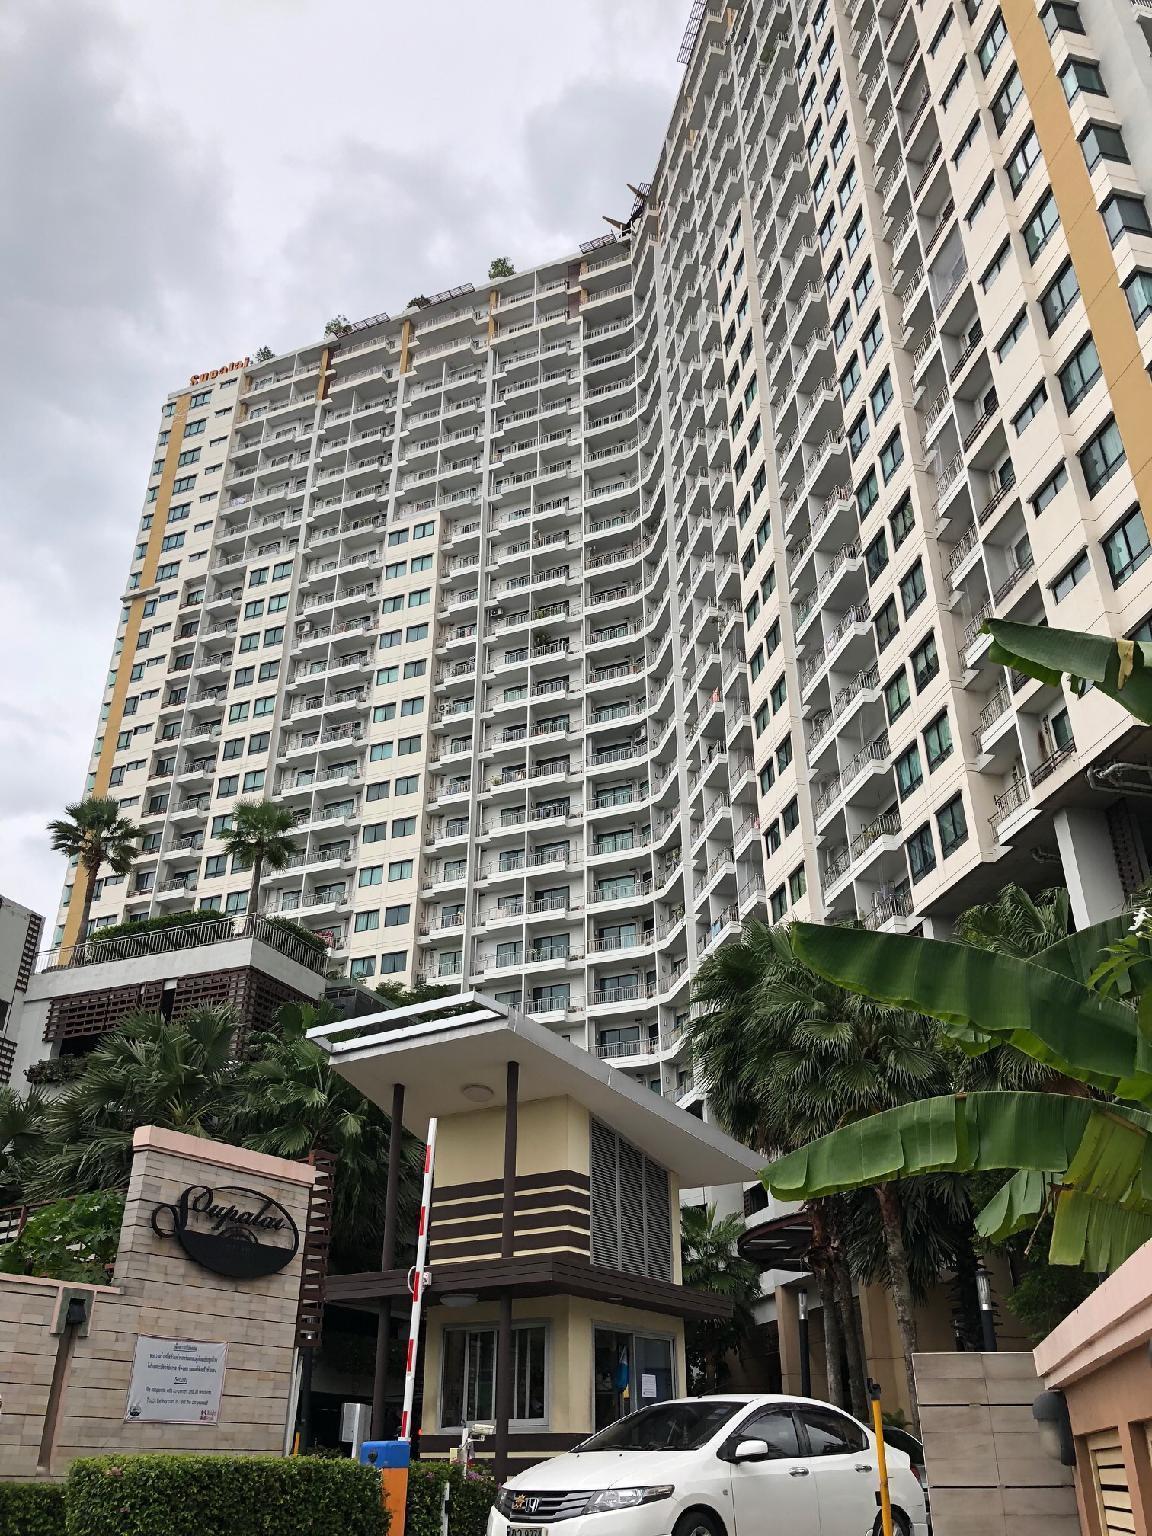 Supalai Premier Condo,Bangkok Supalai Premier Condo,Bangkok